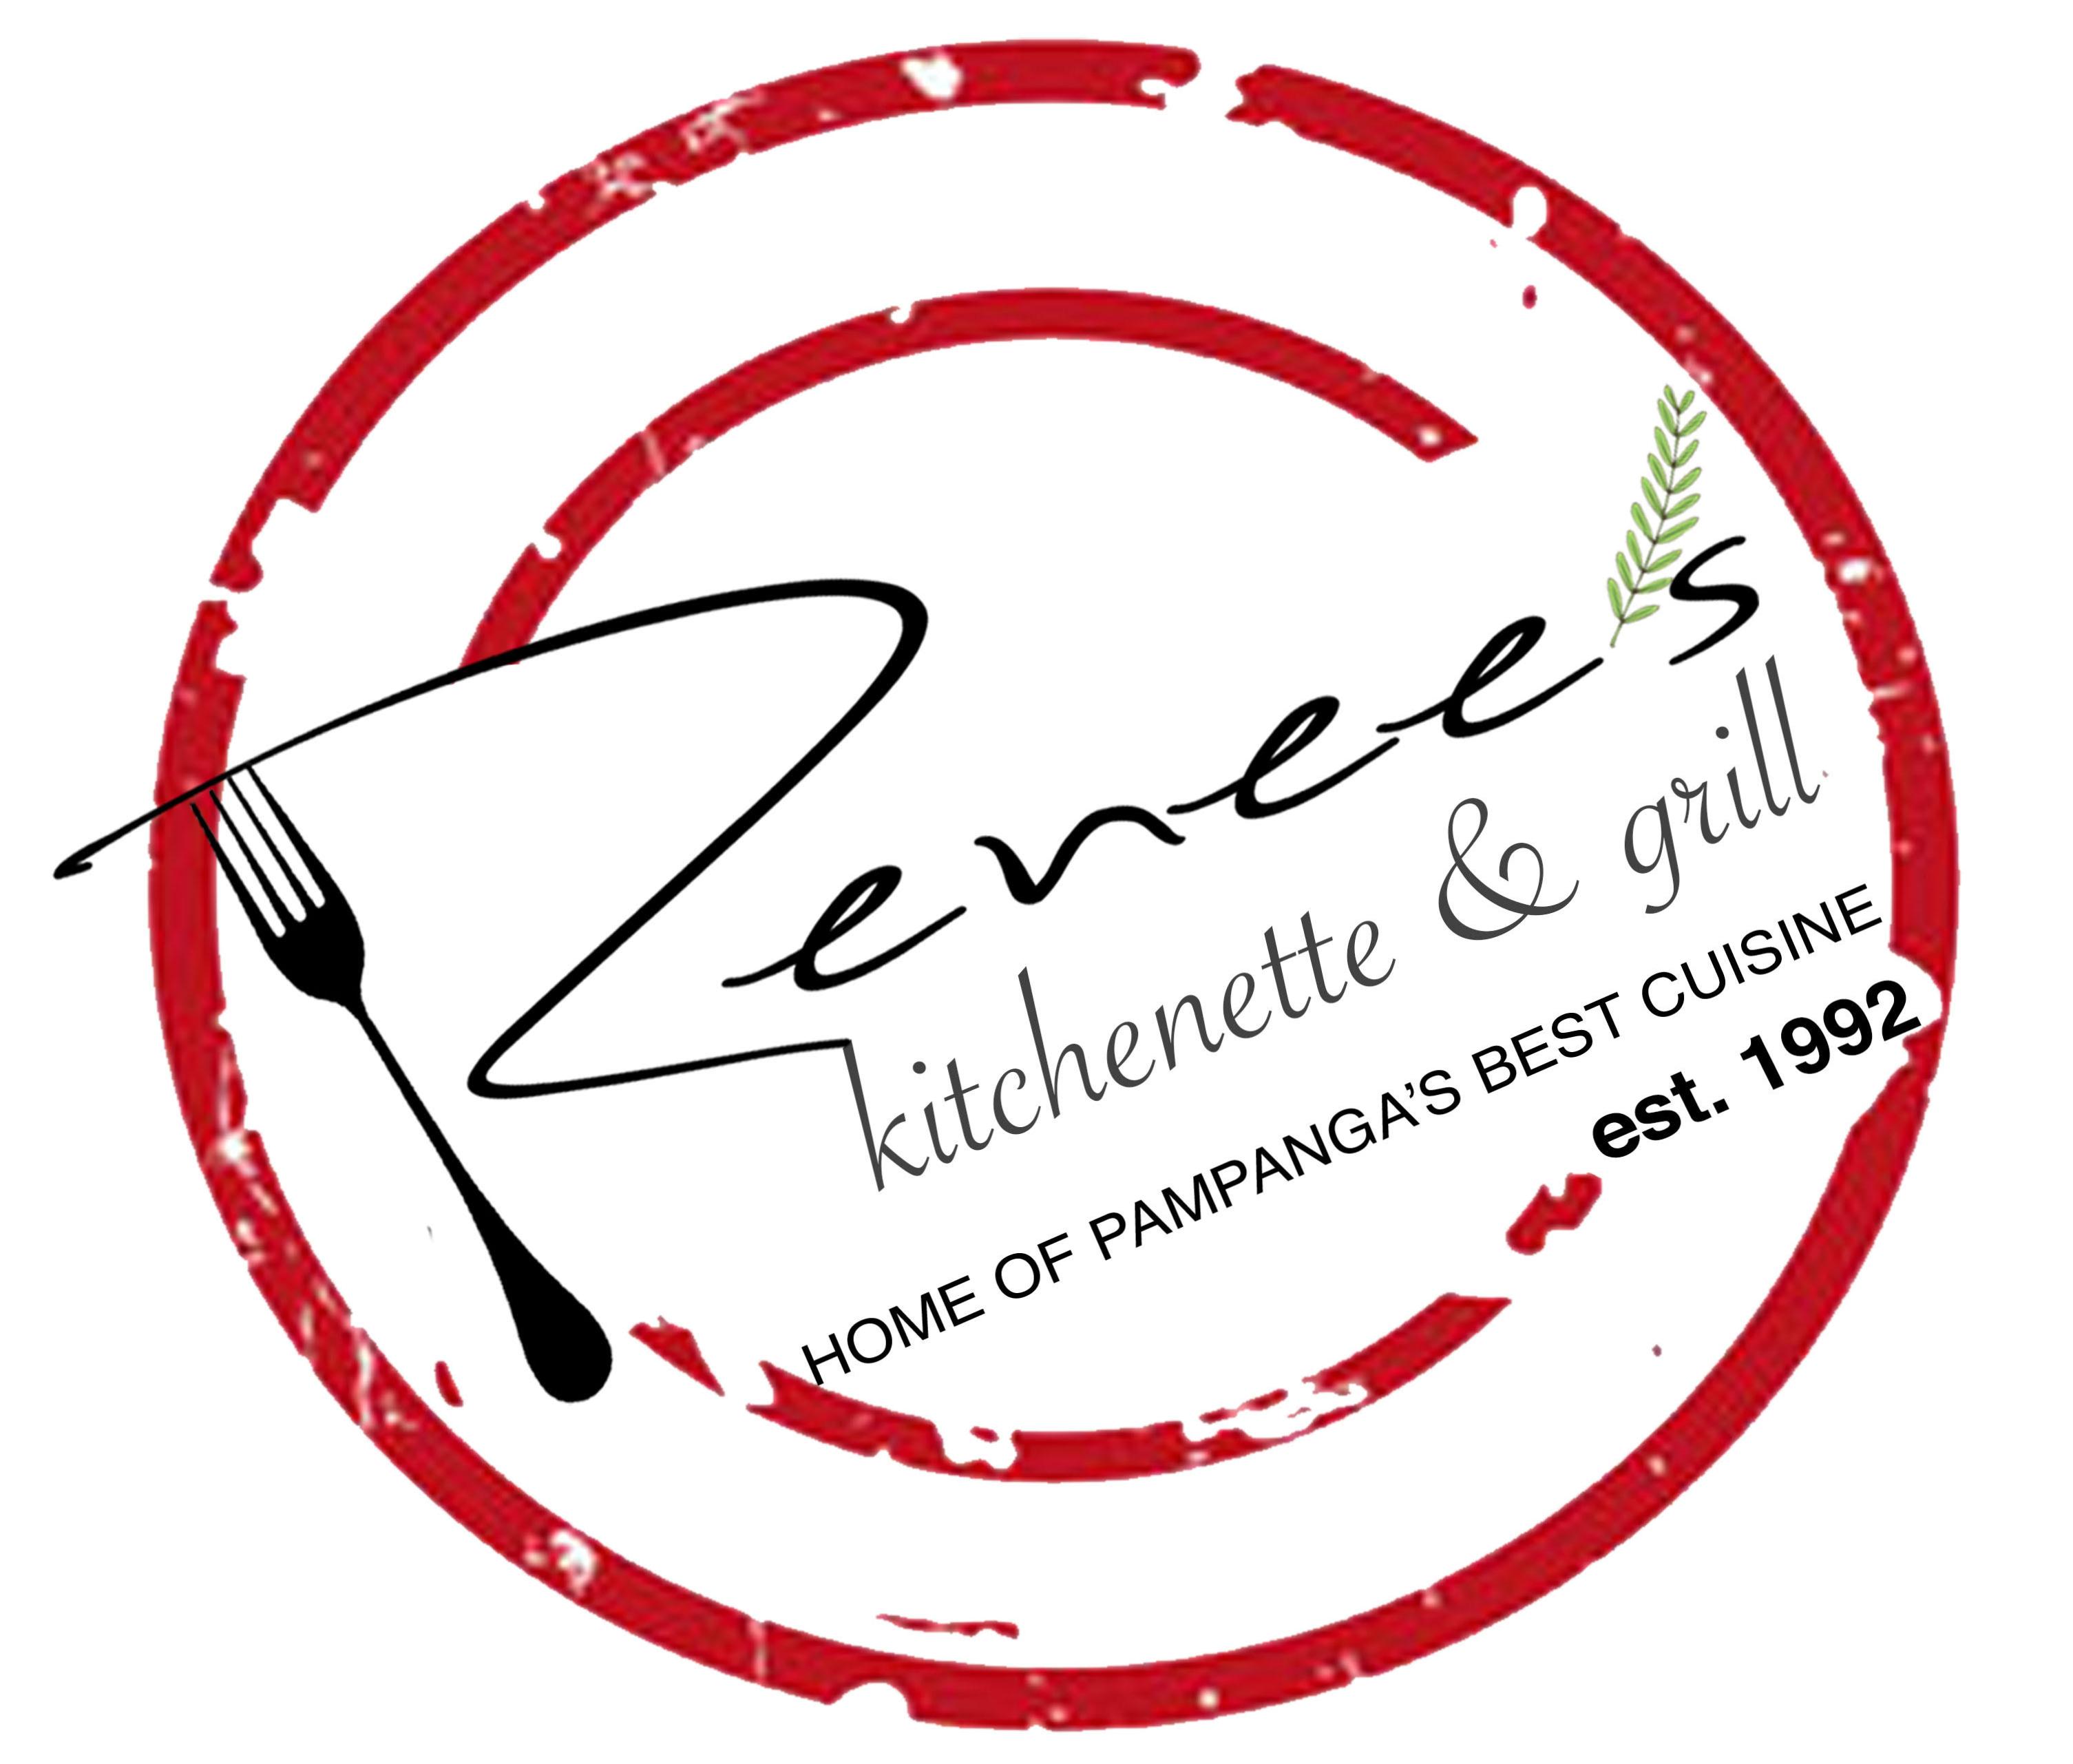 Renee's Kitchenette Home